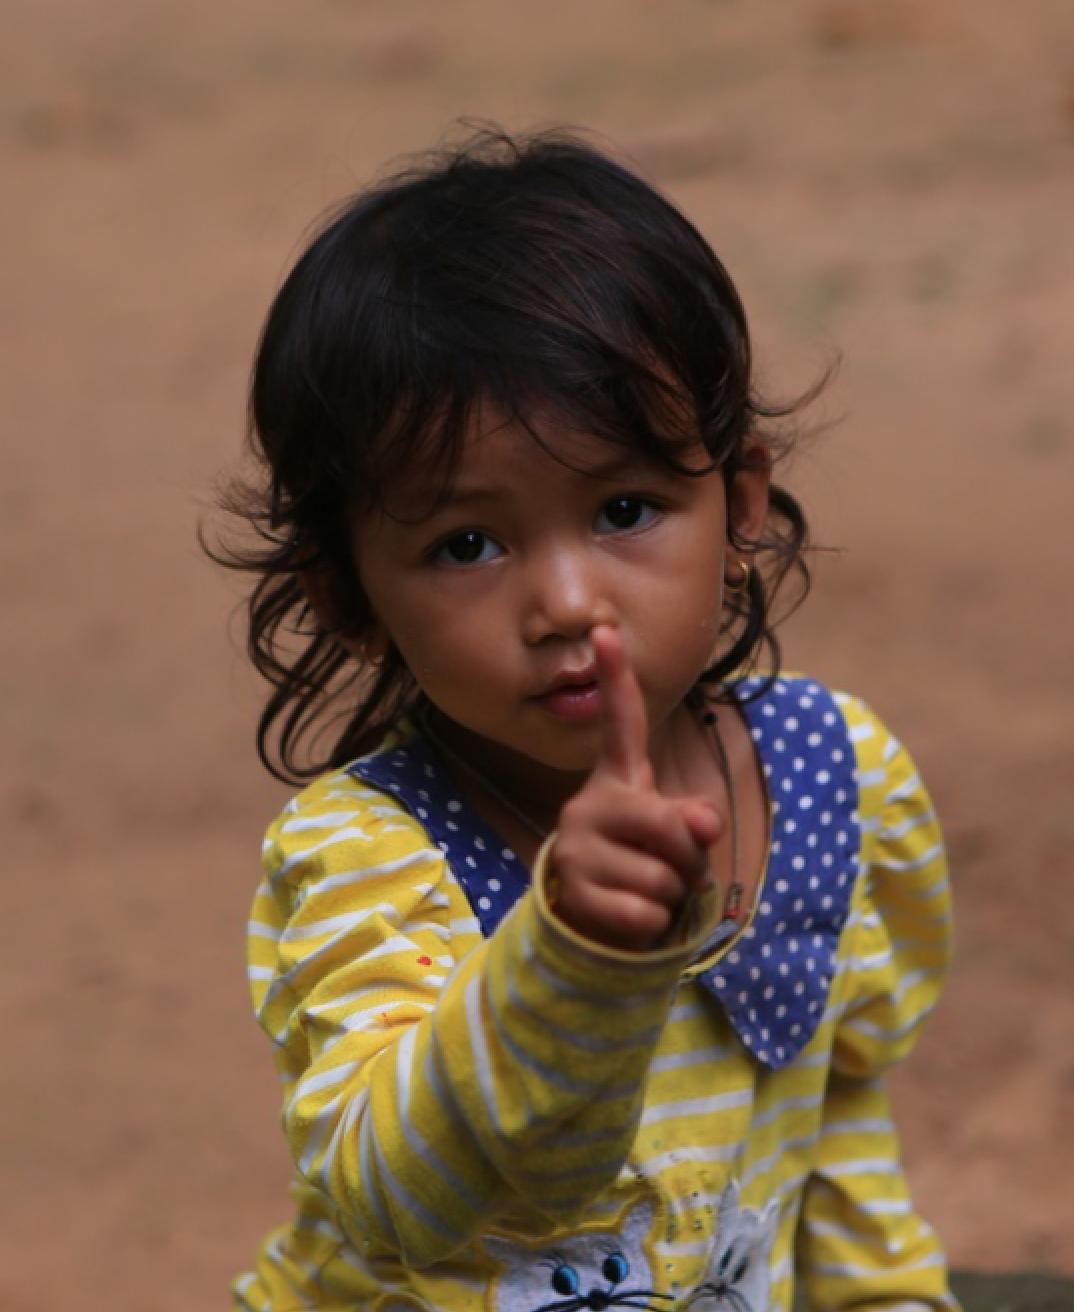 柬埔寨旅游攻略指南? 携程攻略社区! 靠谱的旅游攻略平台,最佳的柬埔寨自助游、自由行、自驾游、跟团旅线路,海量柬埔寨旅游景点图片、游记、交通、美食、购物、住宿、娱乐、行程、指南等旅游攻略信息,了解更多柬埔寨旅游信息就来携程旅游攻略。